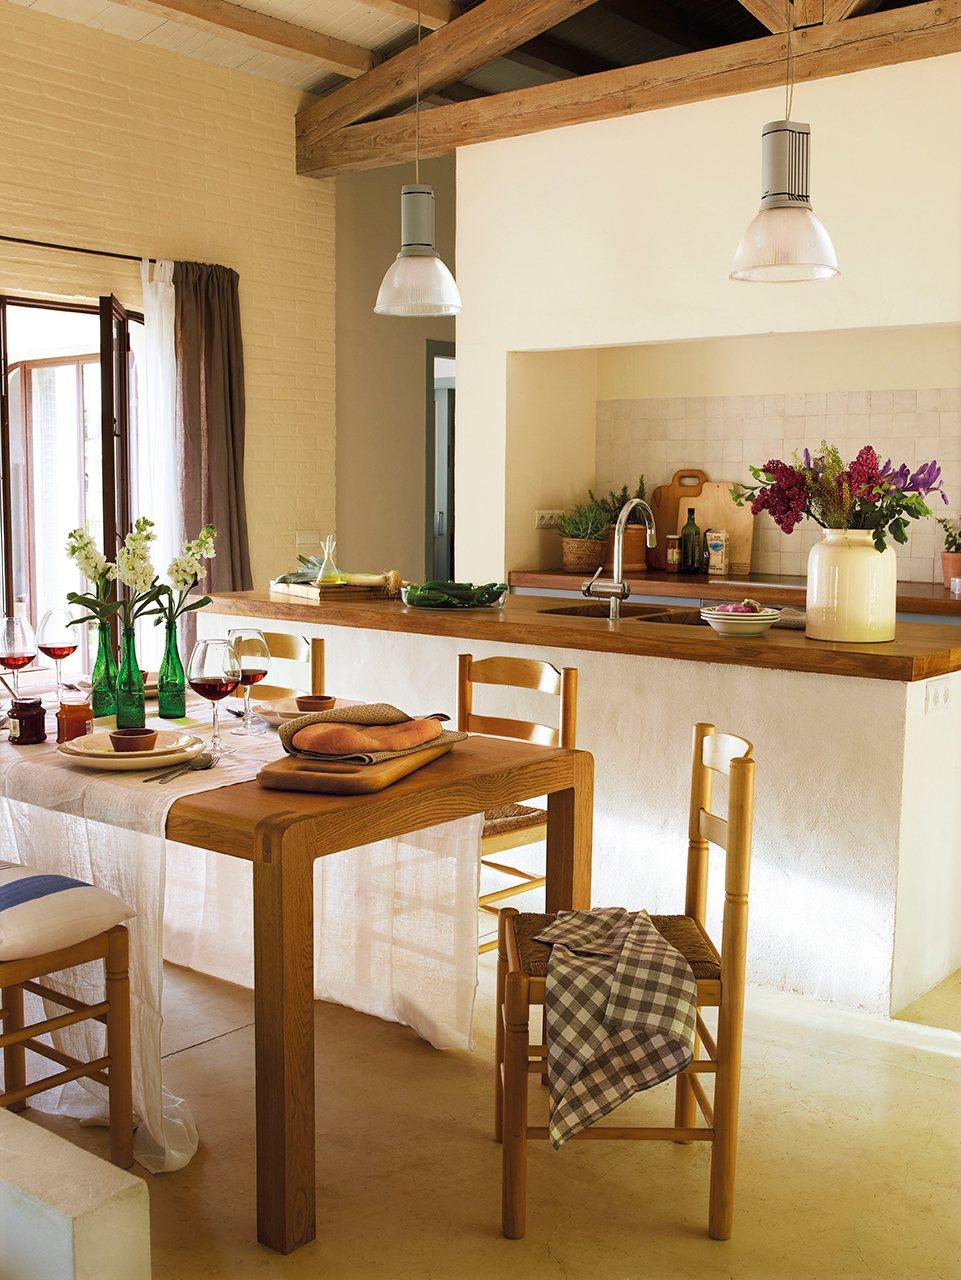 cocina con vigas de madera y encimera de roble francs